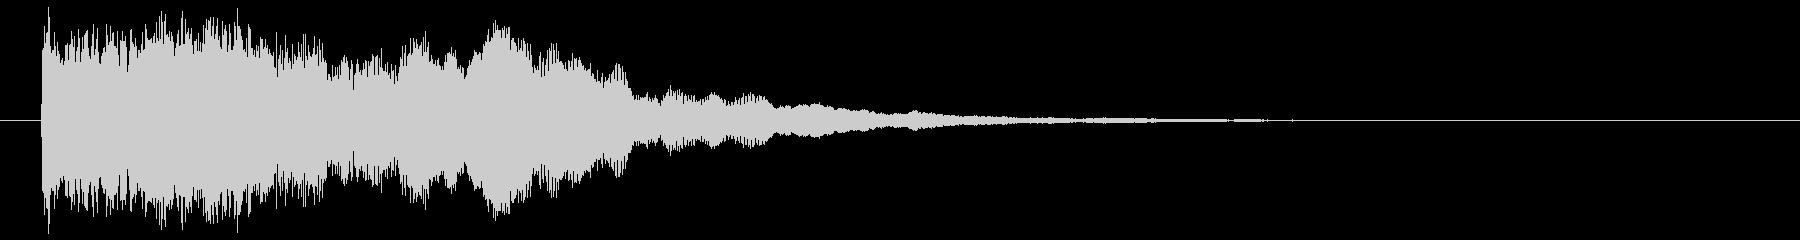 ホラーインパクトの未再生の波形